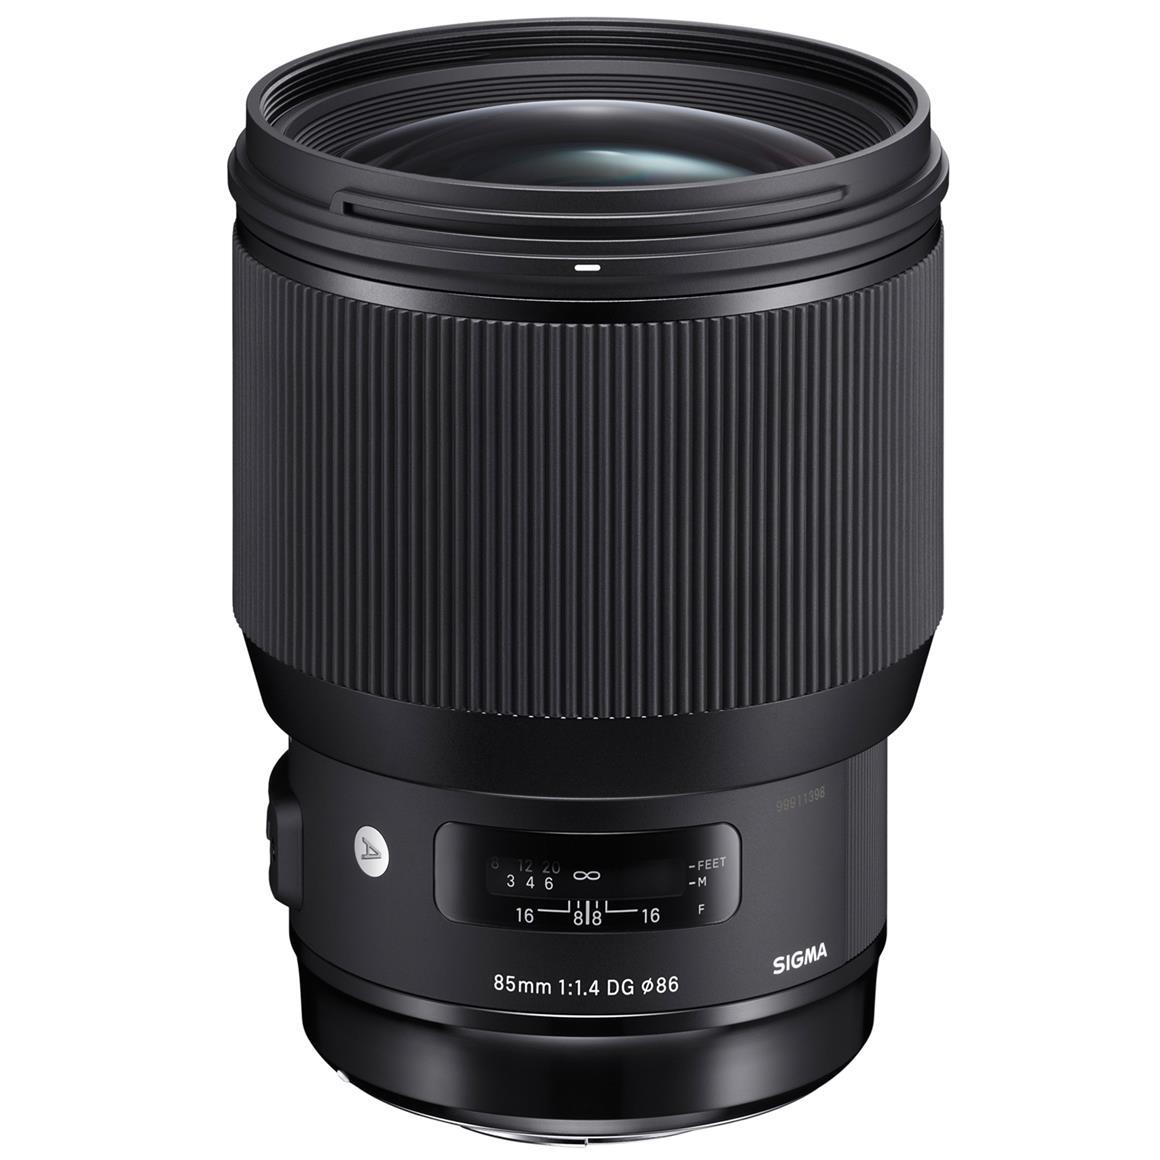 Sigma 85mm f/1.4 DG HSM Art Lens for Sony E | Sony Full